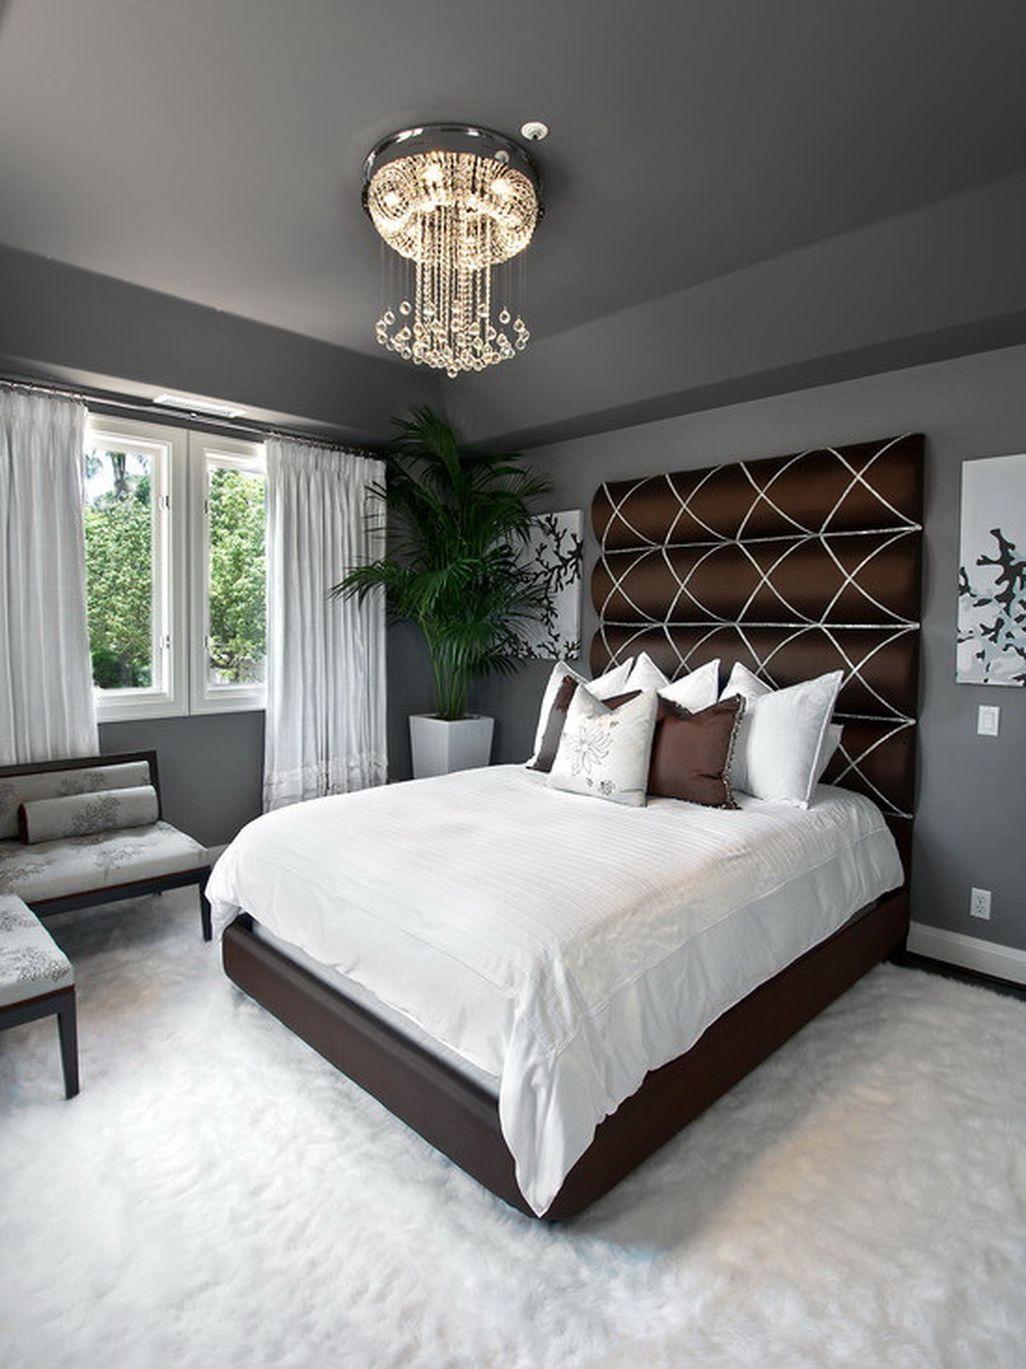 Elegant Small Master Bedroom Decor Ideas